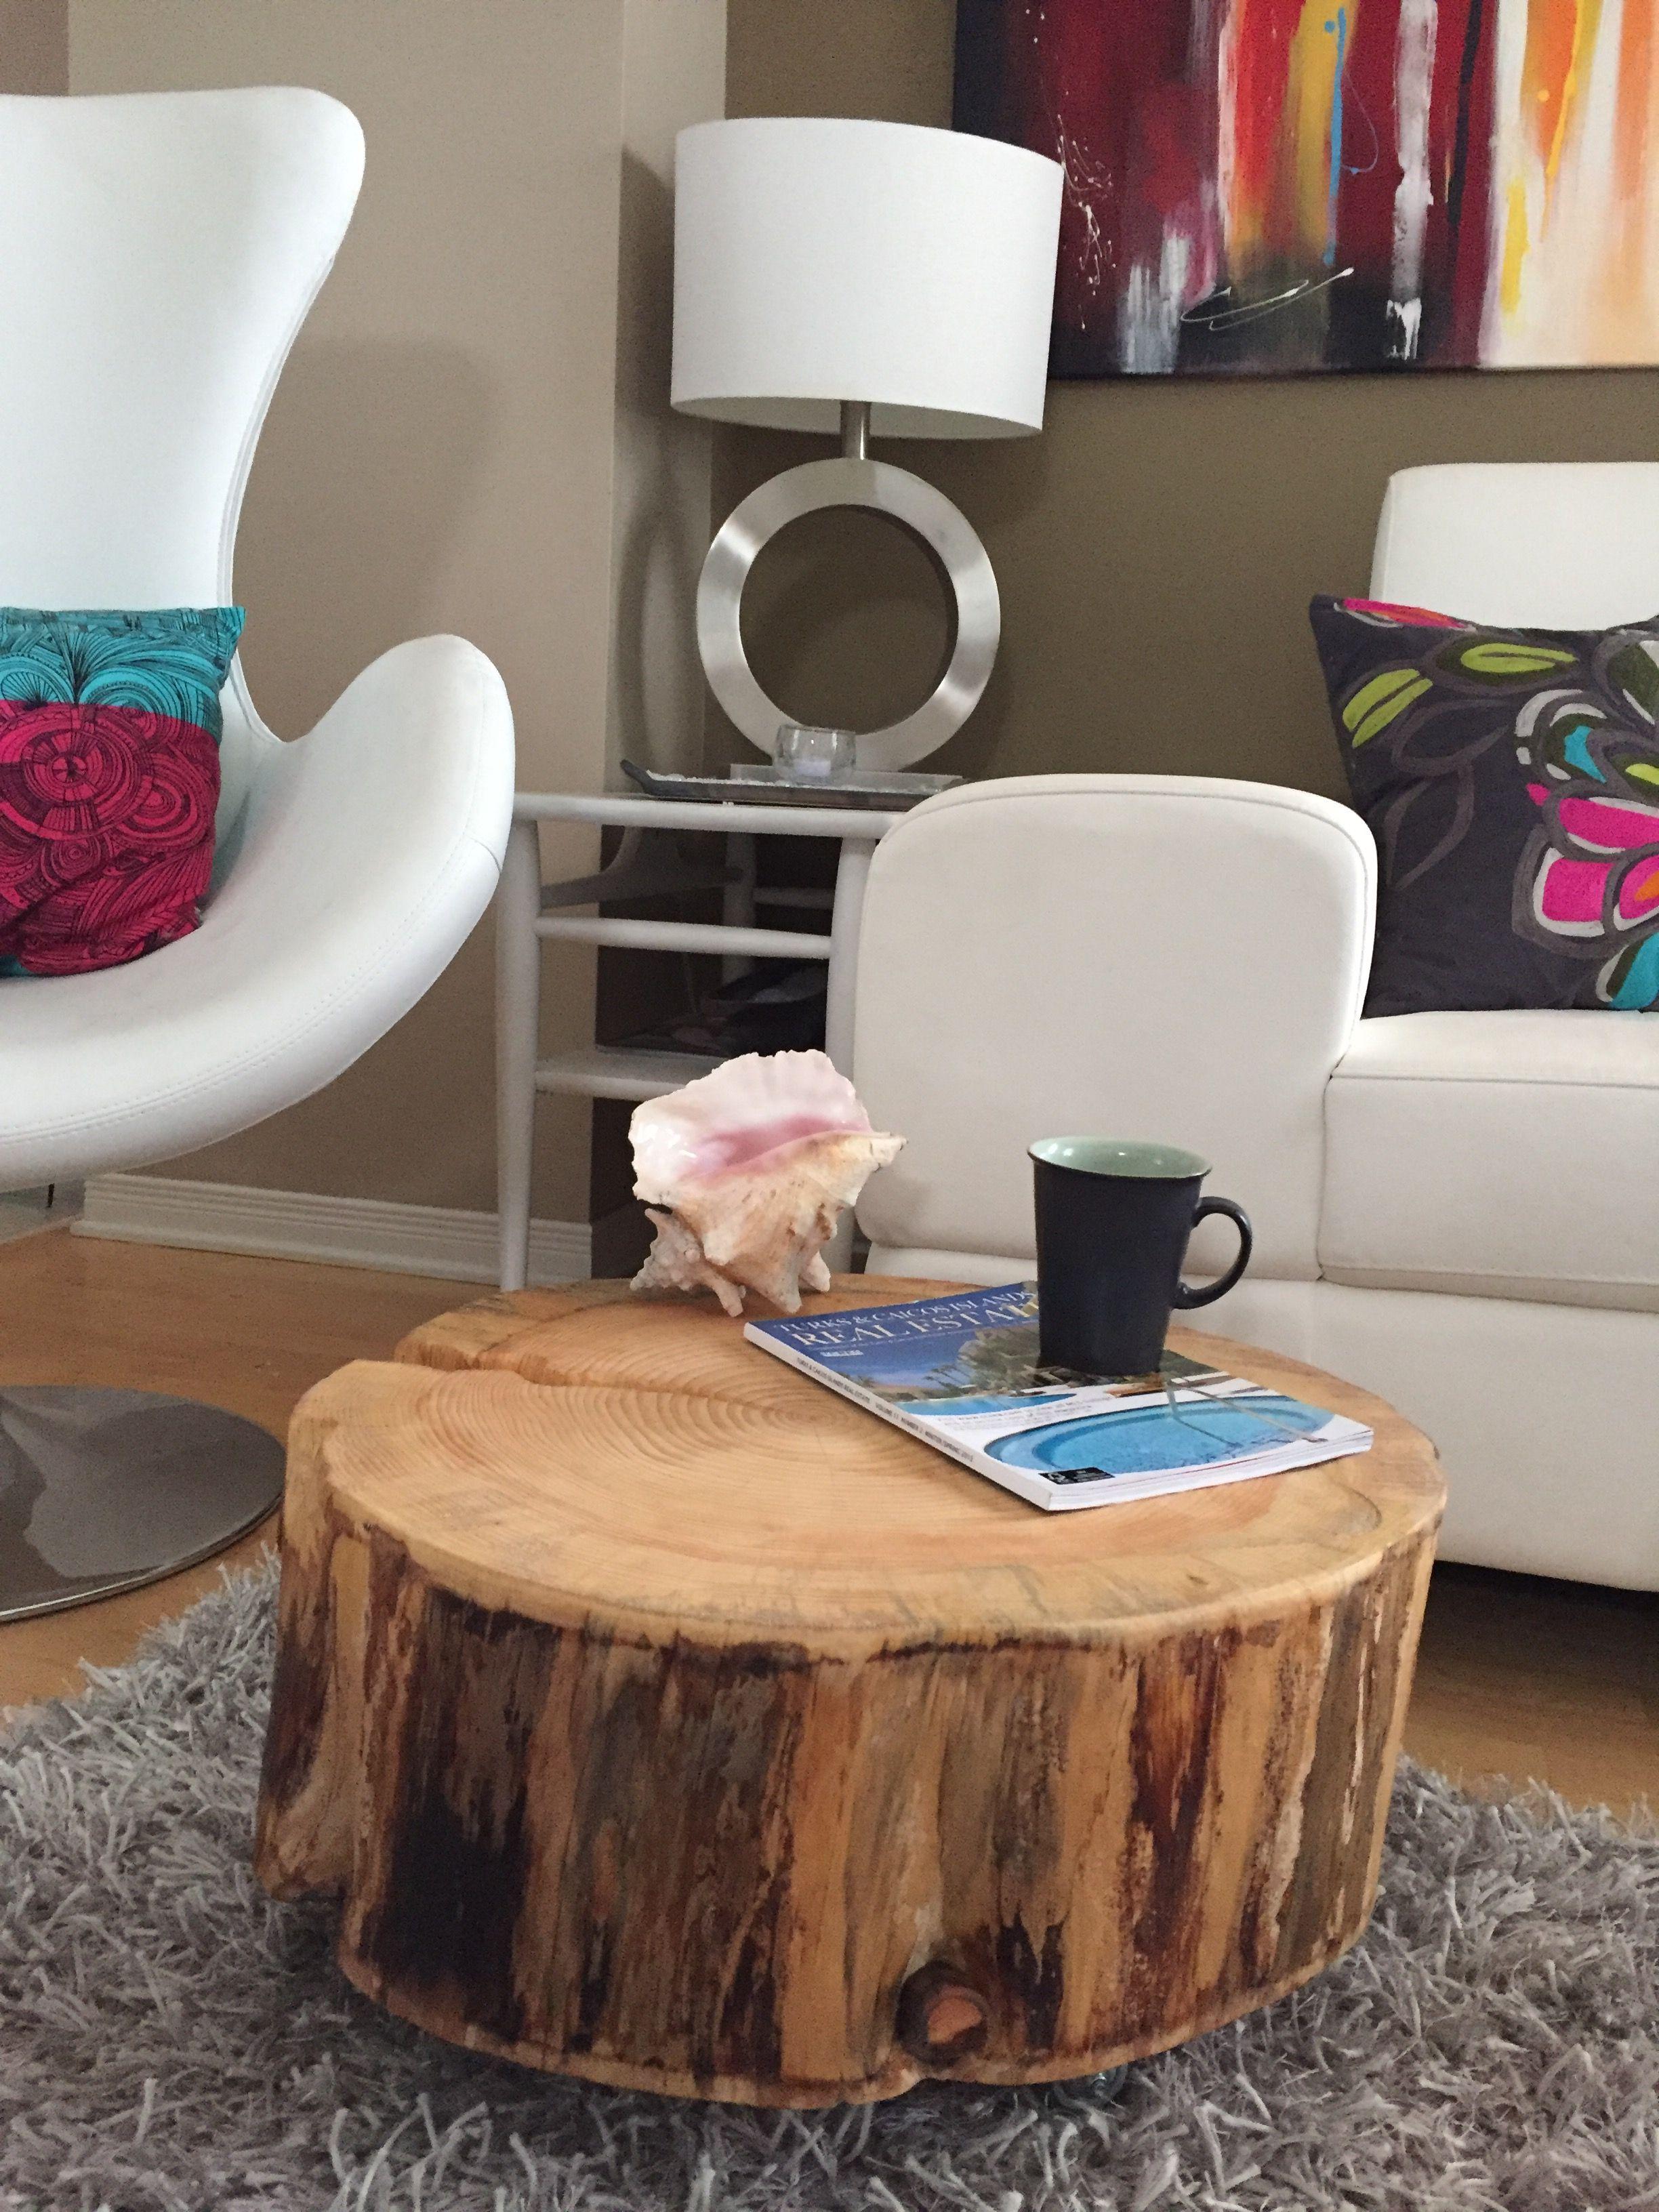 Stump Coffee Table Tree Stump Coffee Table With Metal Legs Stump Side Table Wood Table